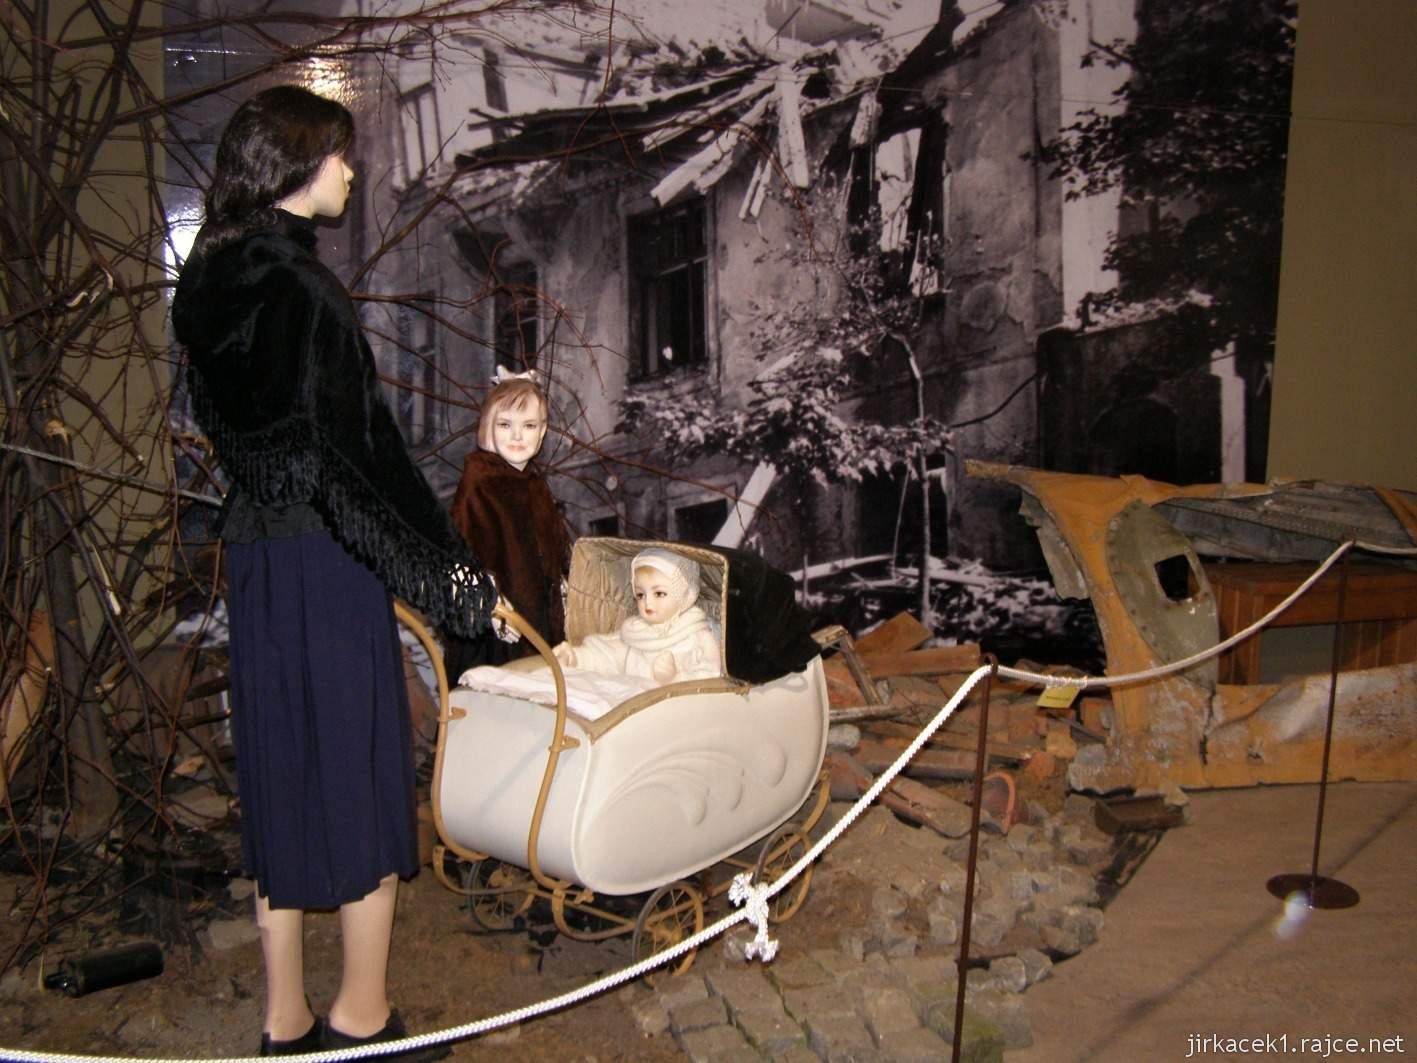 Hrabyně - Národní památník II. světové války